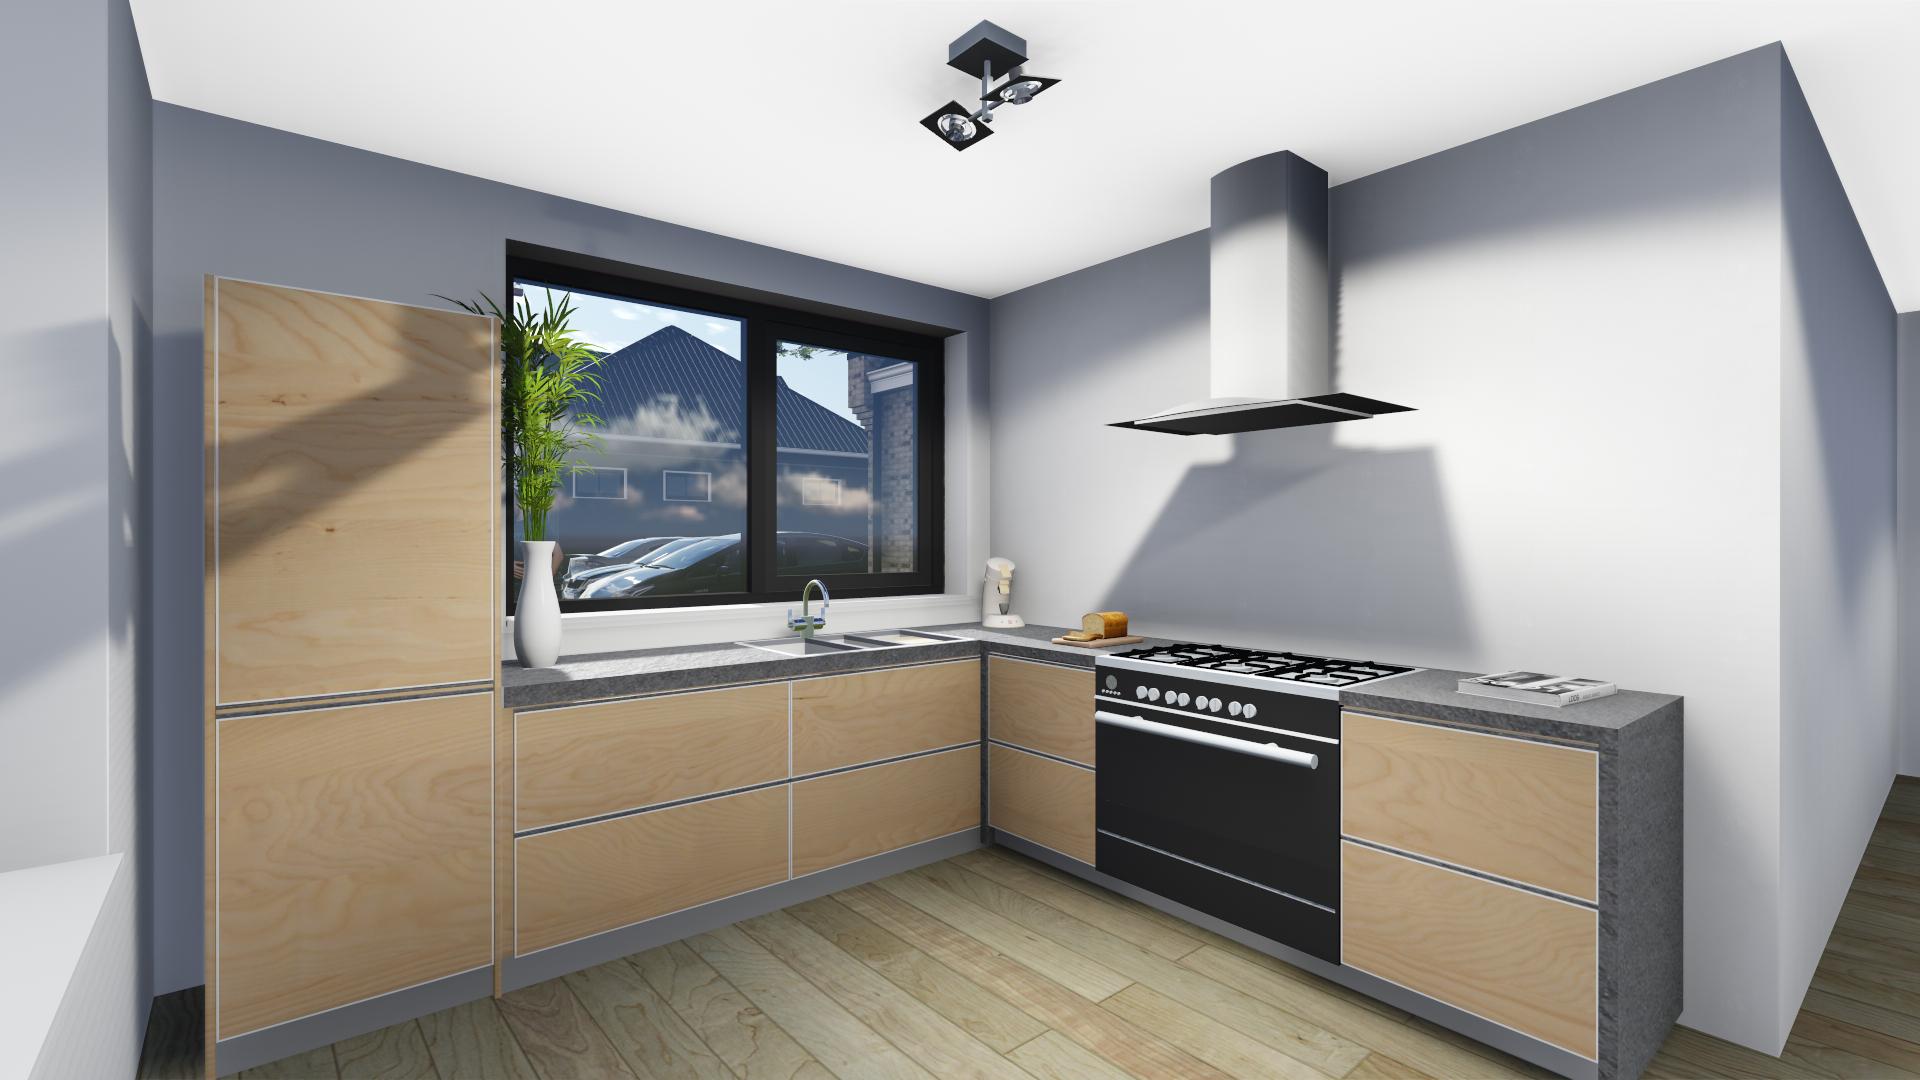 Keuken interieur woning leeuwarden bernhard kuiper visuals for Keuken interieur